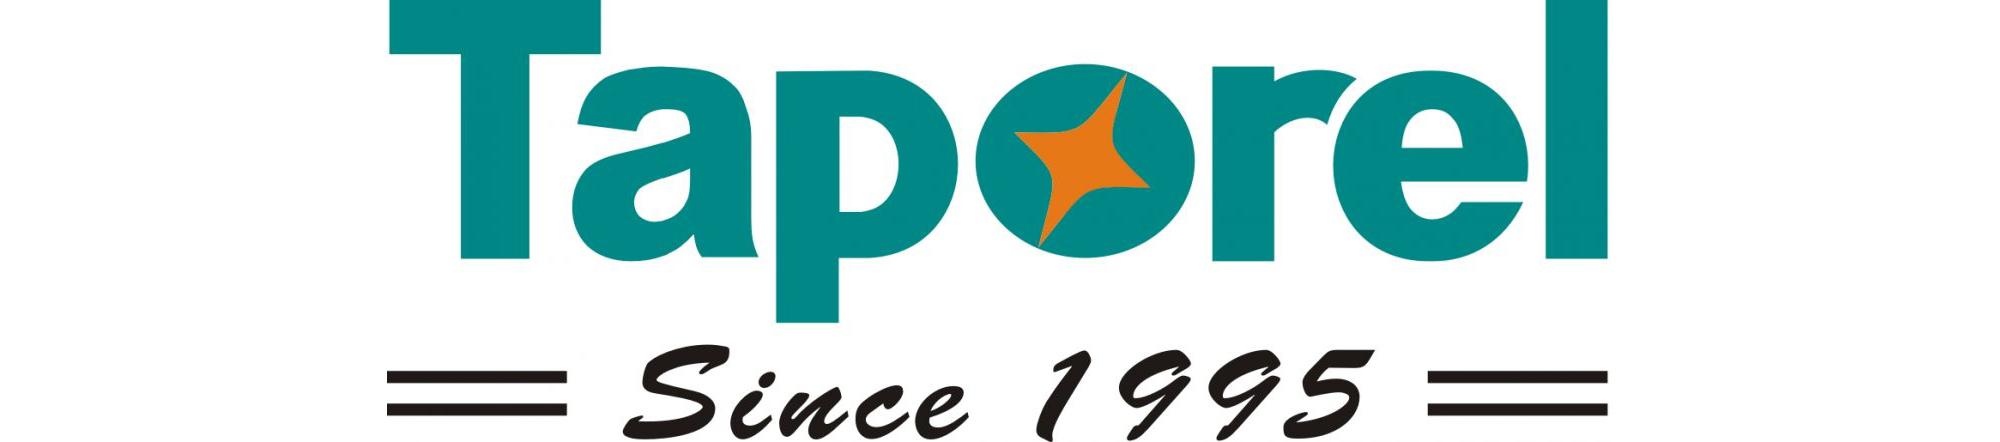 logo scaled